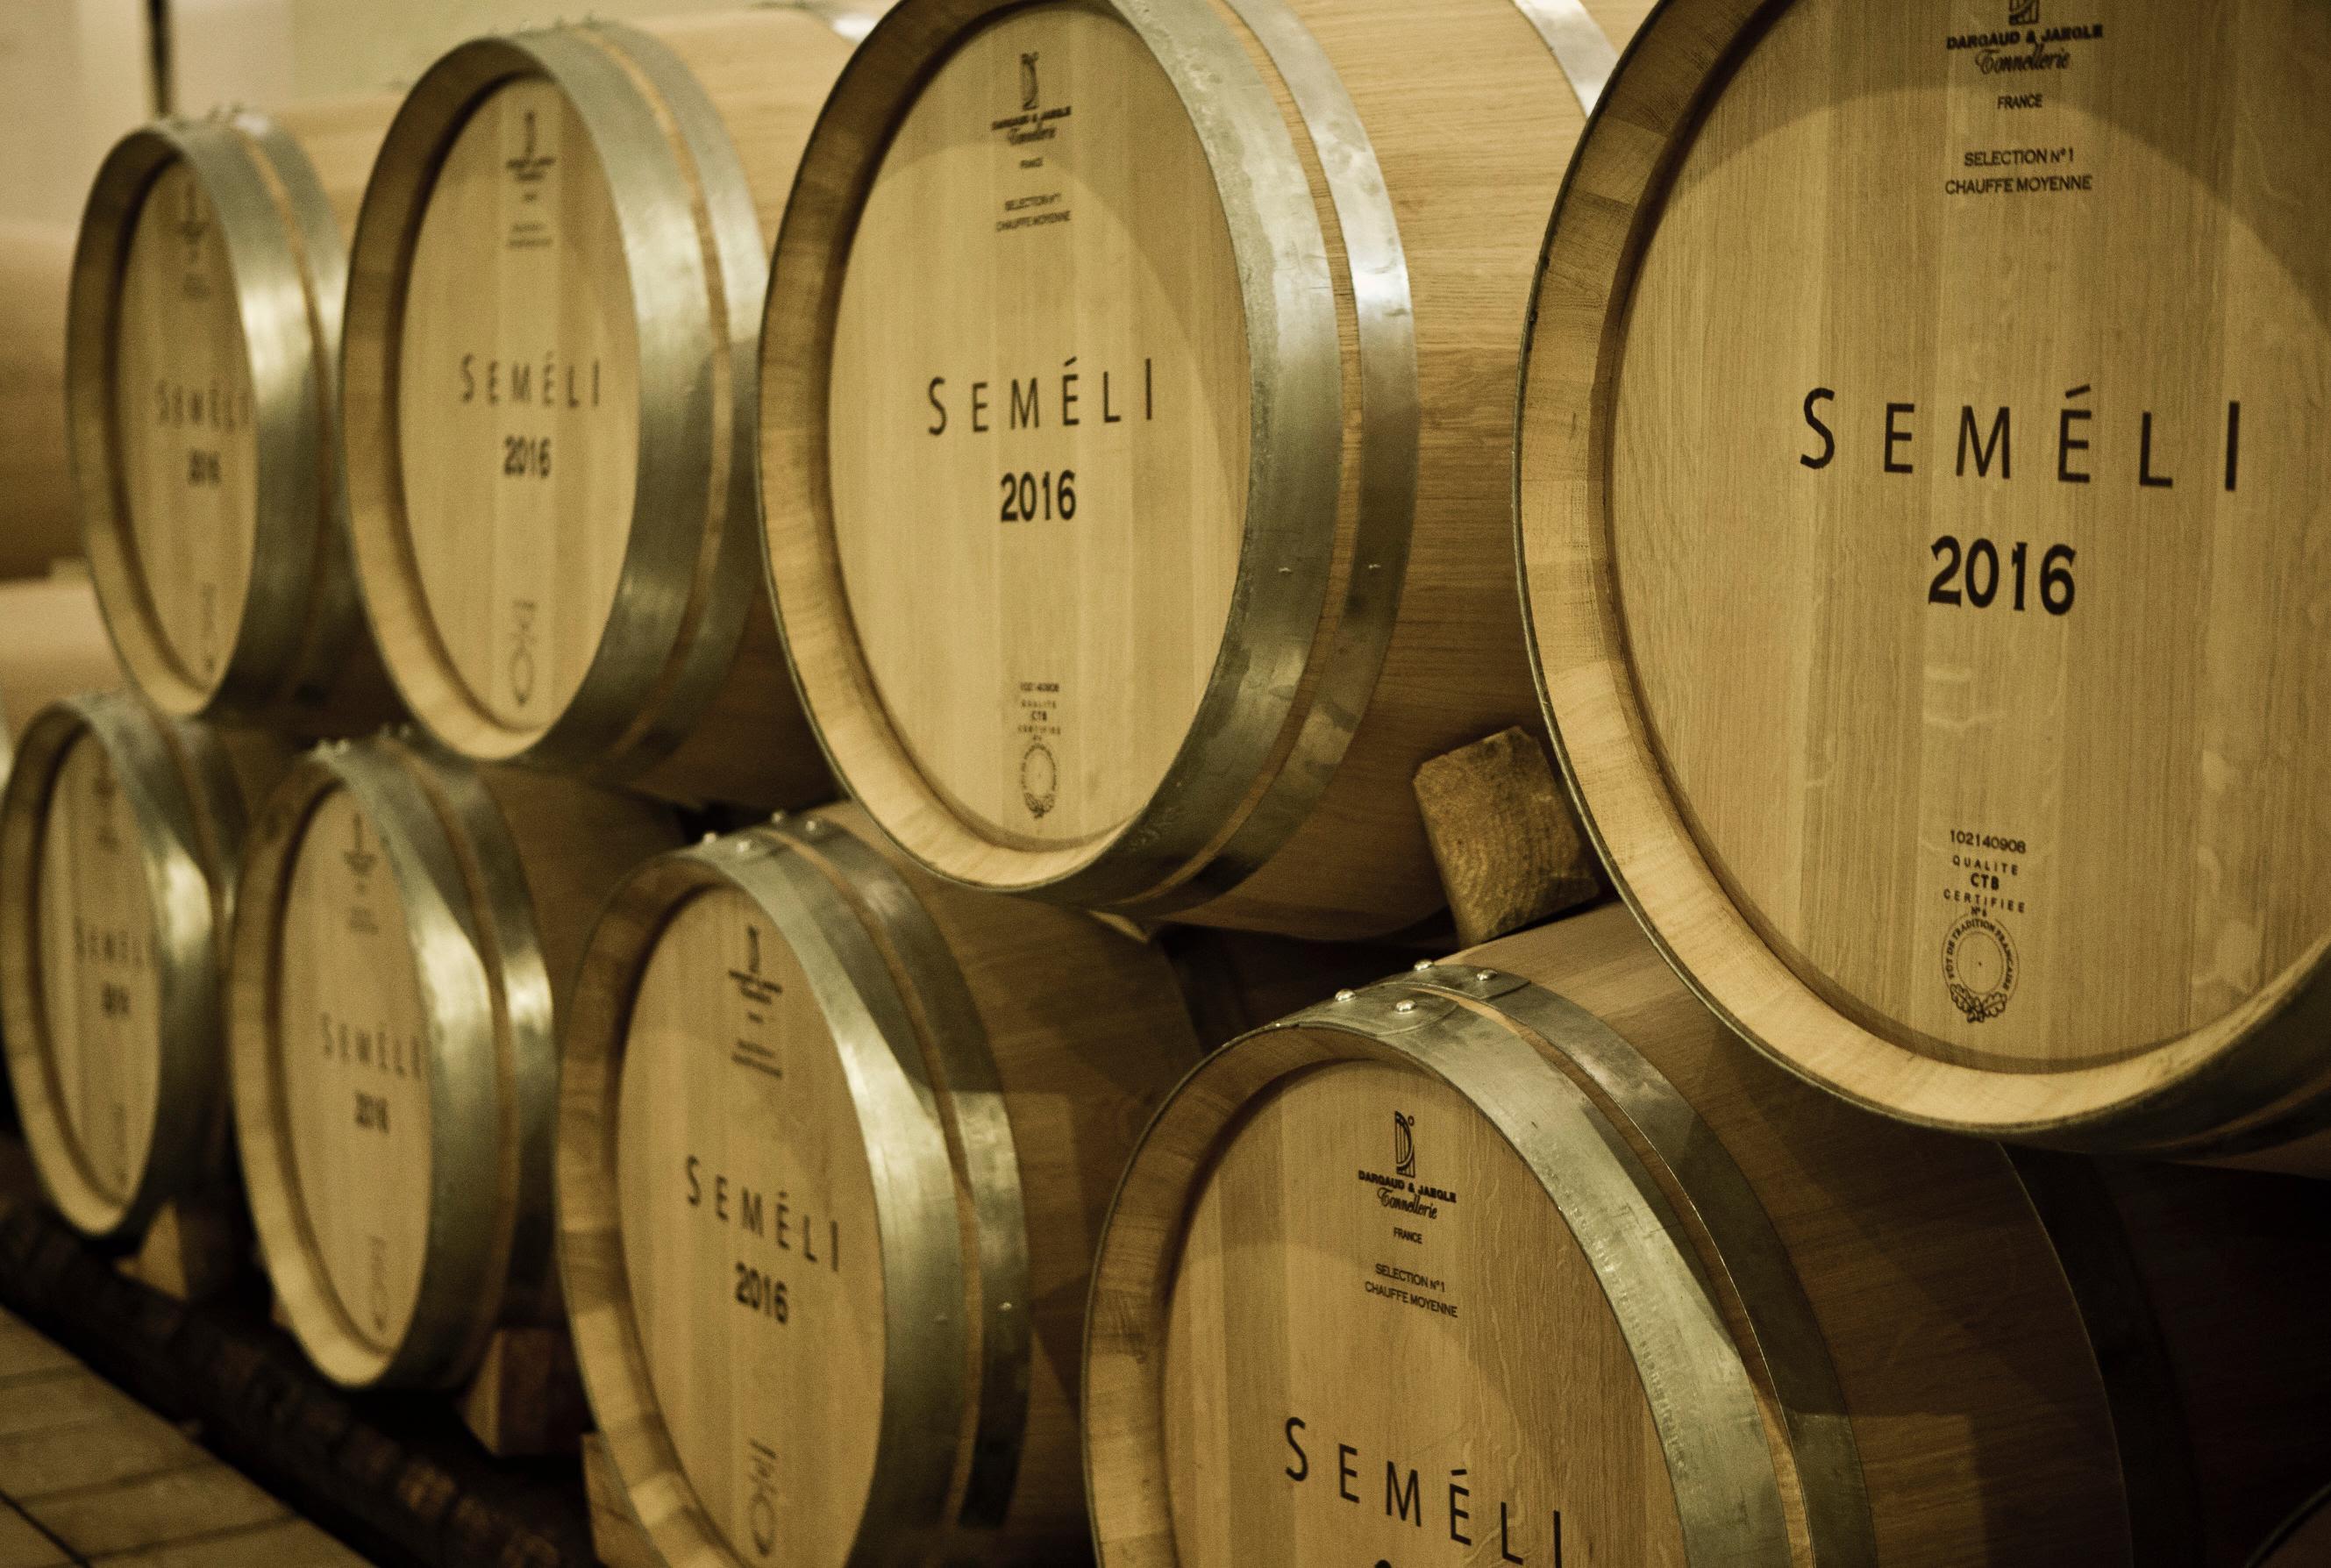 Ρεκόρ διακρίσεων για τα κρασιά SEMELI: 40 βραβεία σε 7 διεθνείς διαγωνισμούς